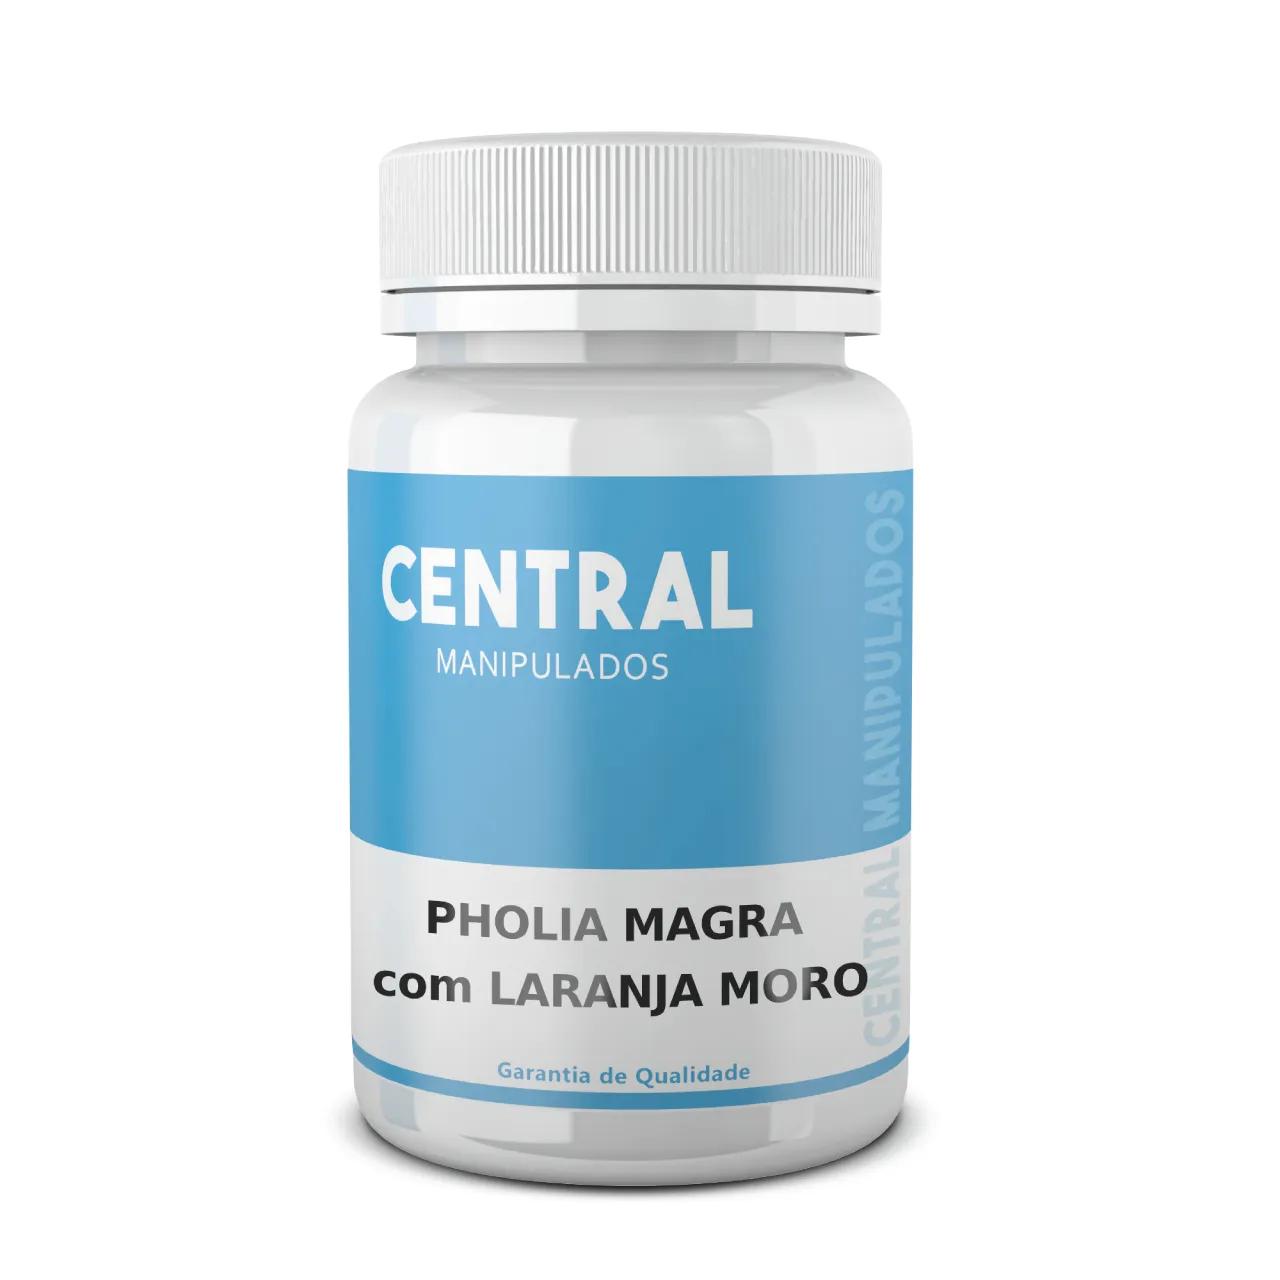 Pholia Magra 300mg + Laranja Moro 200mg - 60 cápsulas - Perda de Peso, Controle Apetite, Evita o inchaço e a Celutite